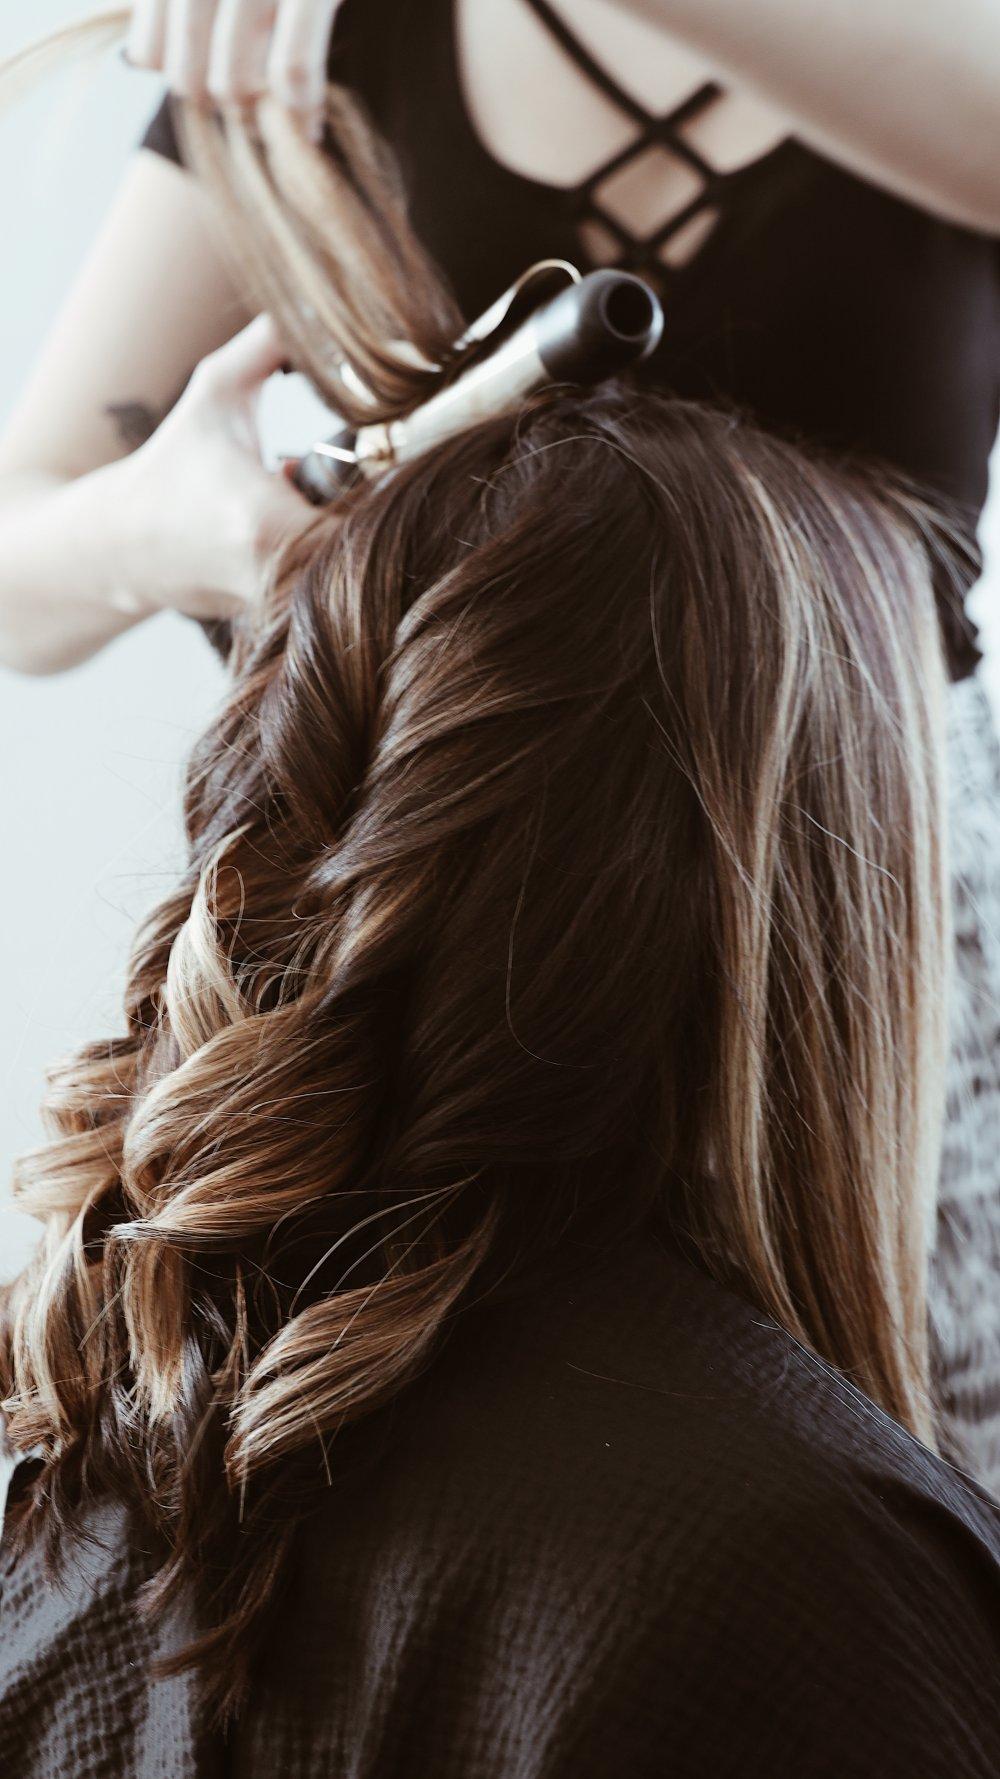 Få lavet en professionel håropsætning til din næste fest